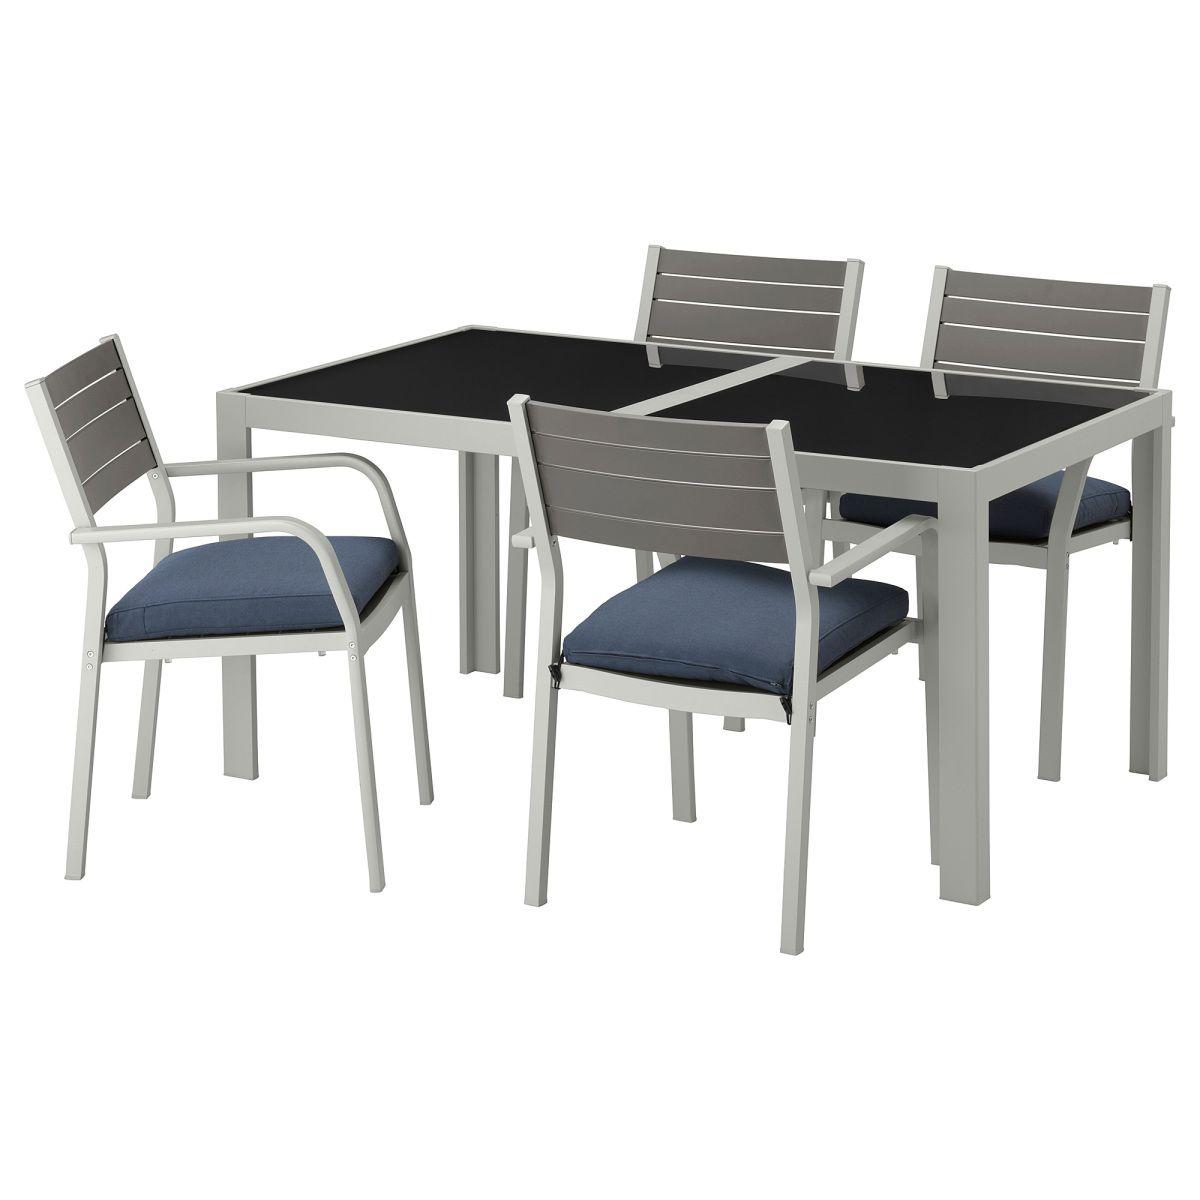 SJÄLLAND, Tisch+4 Armlehnstühle/außen, Glas, Blau Jetzt Bestellen Unter: